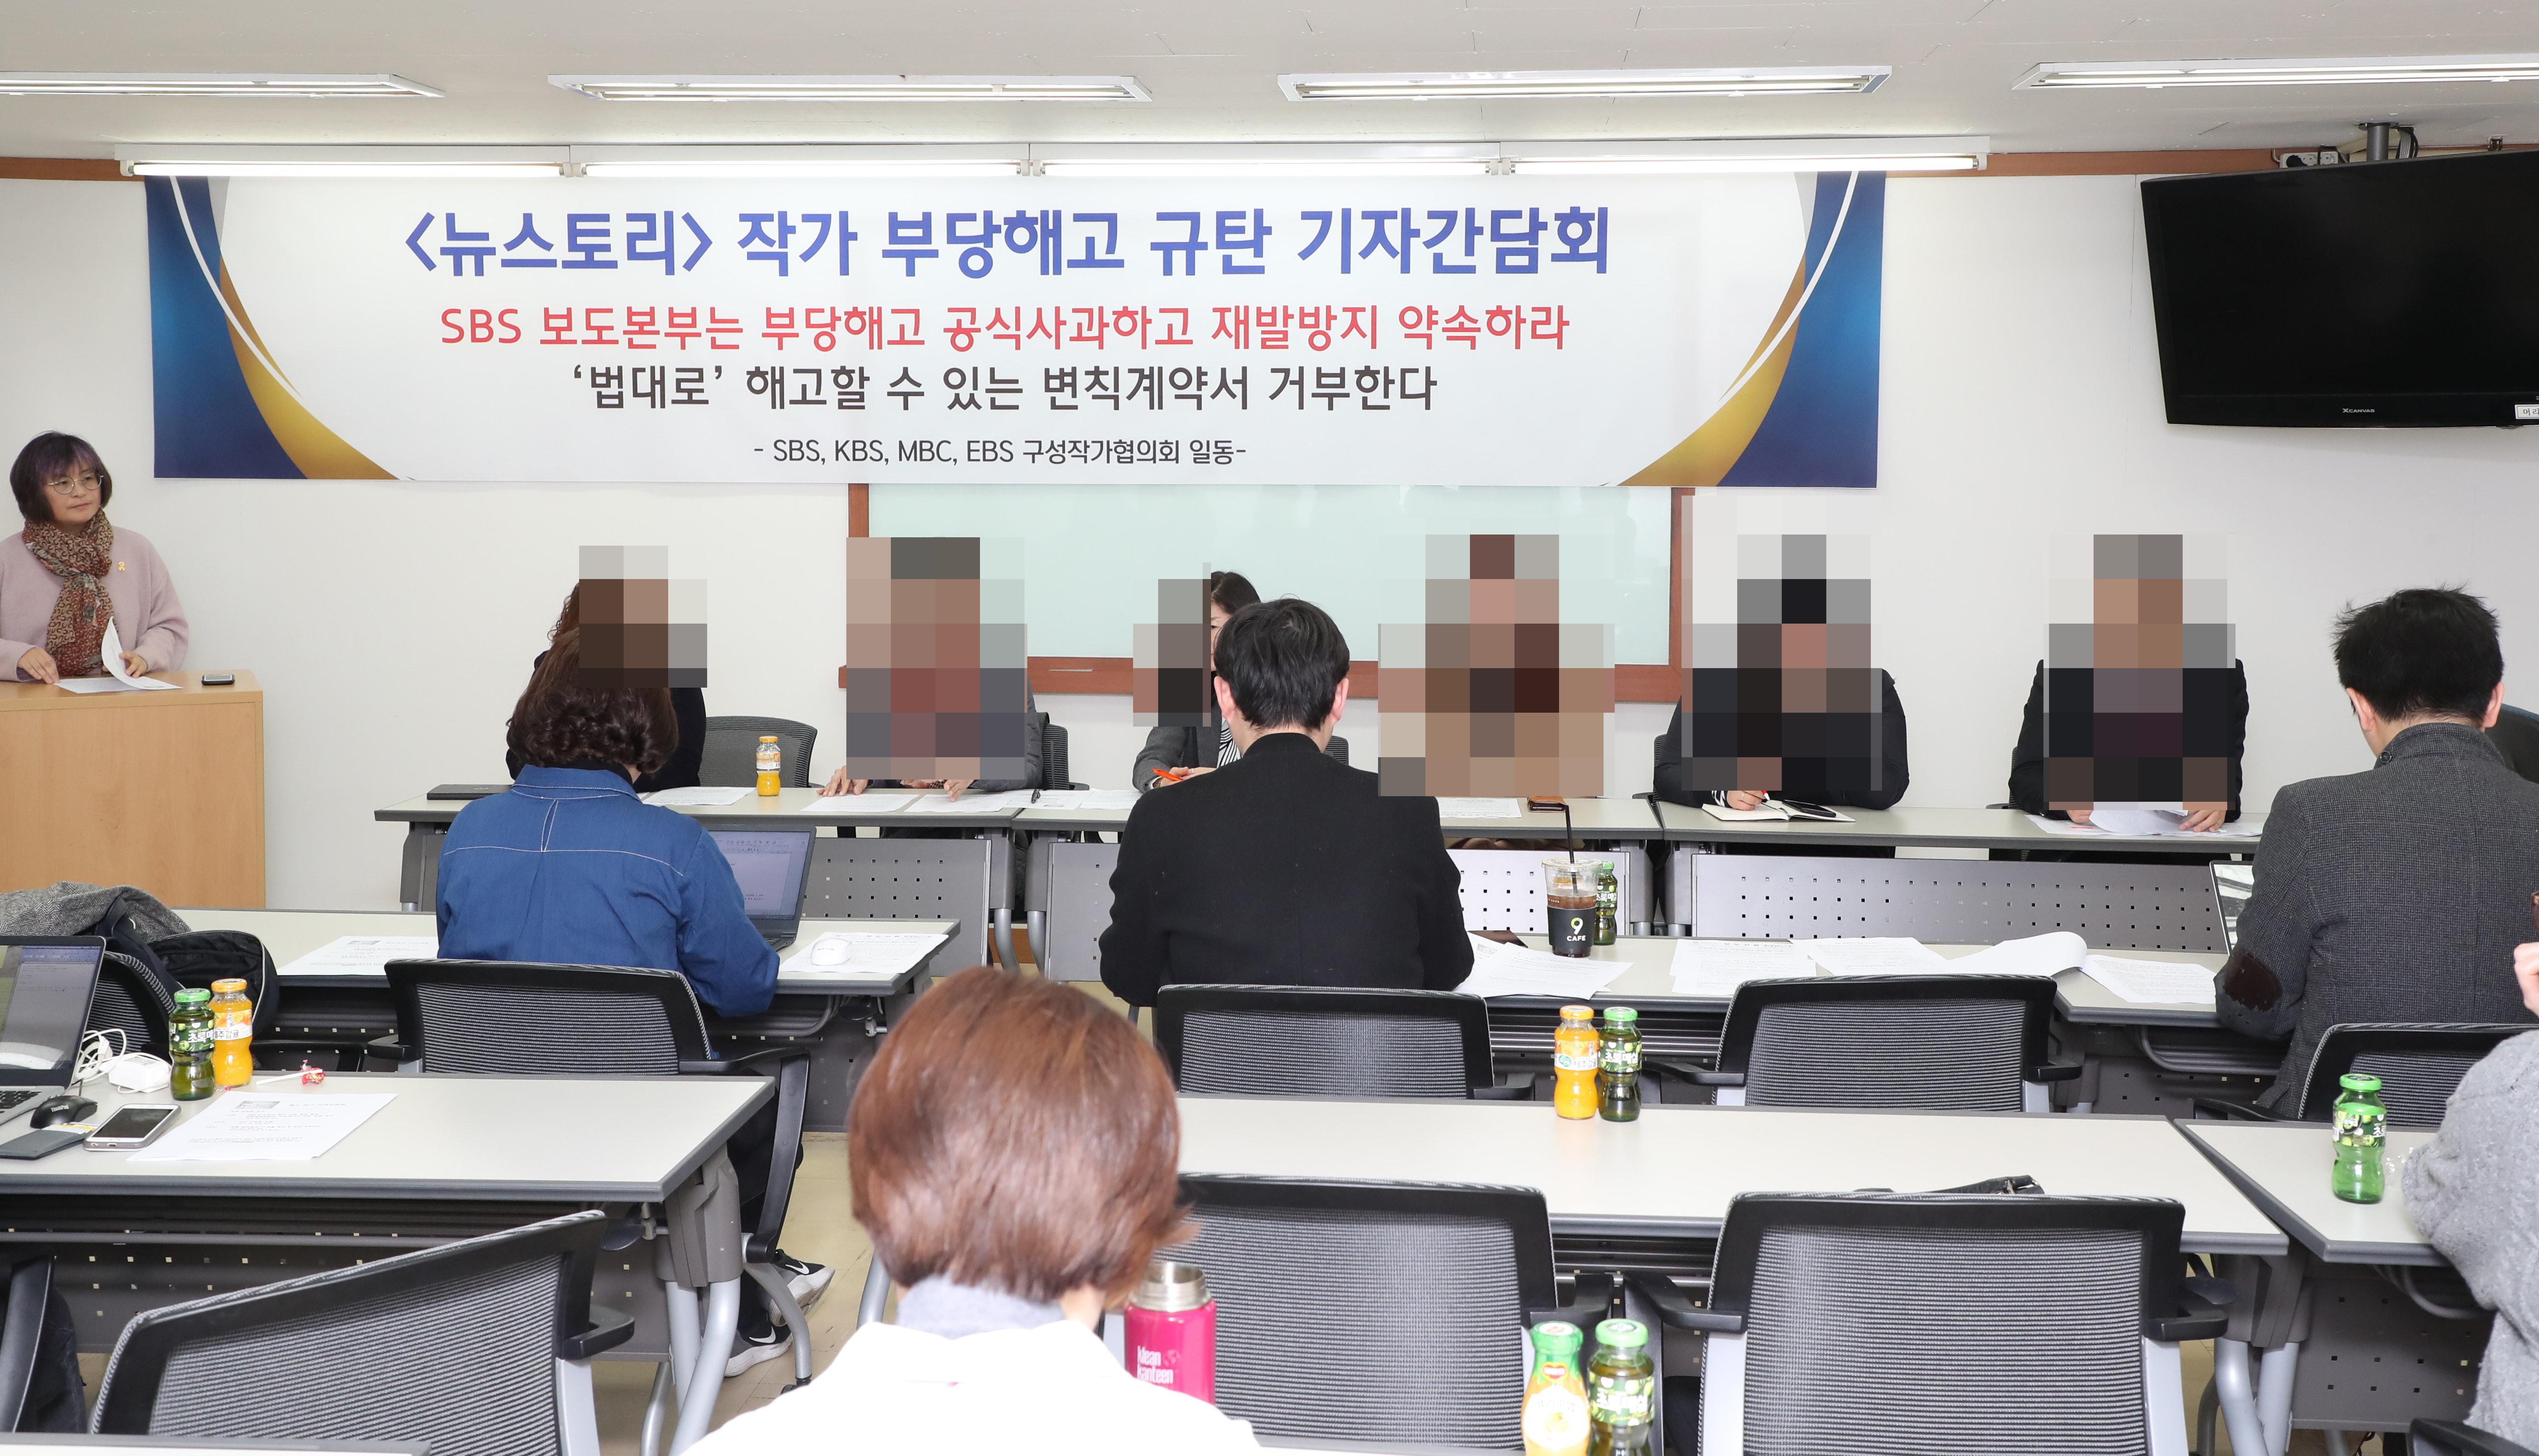 SBS 측의 일방적 해고에 작가들이 공동 대응에